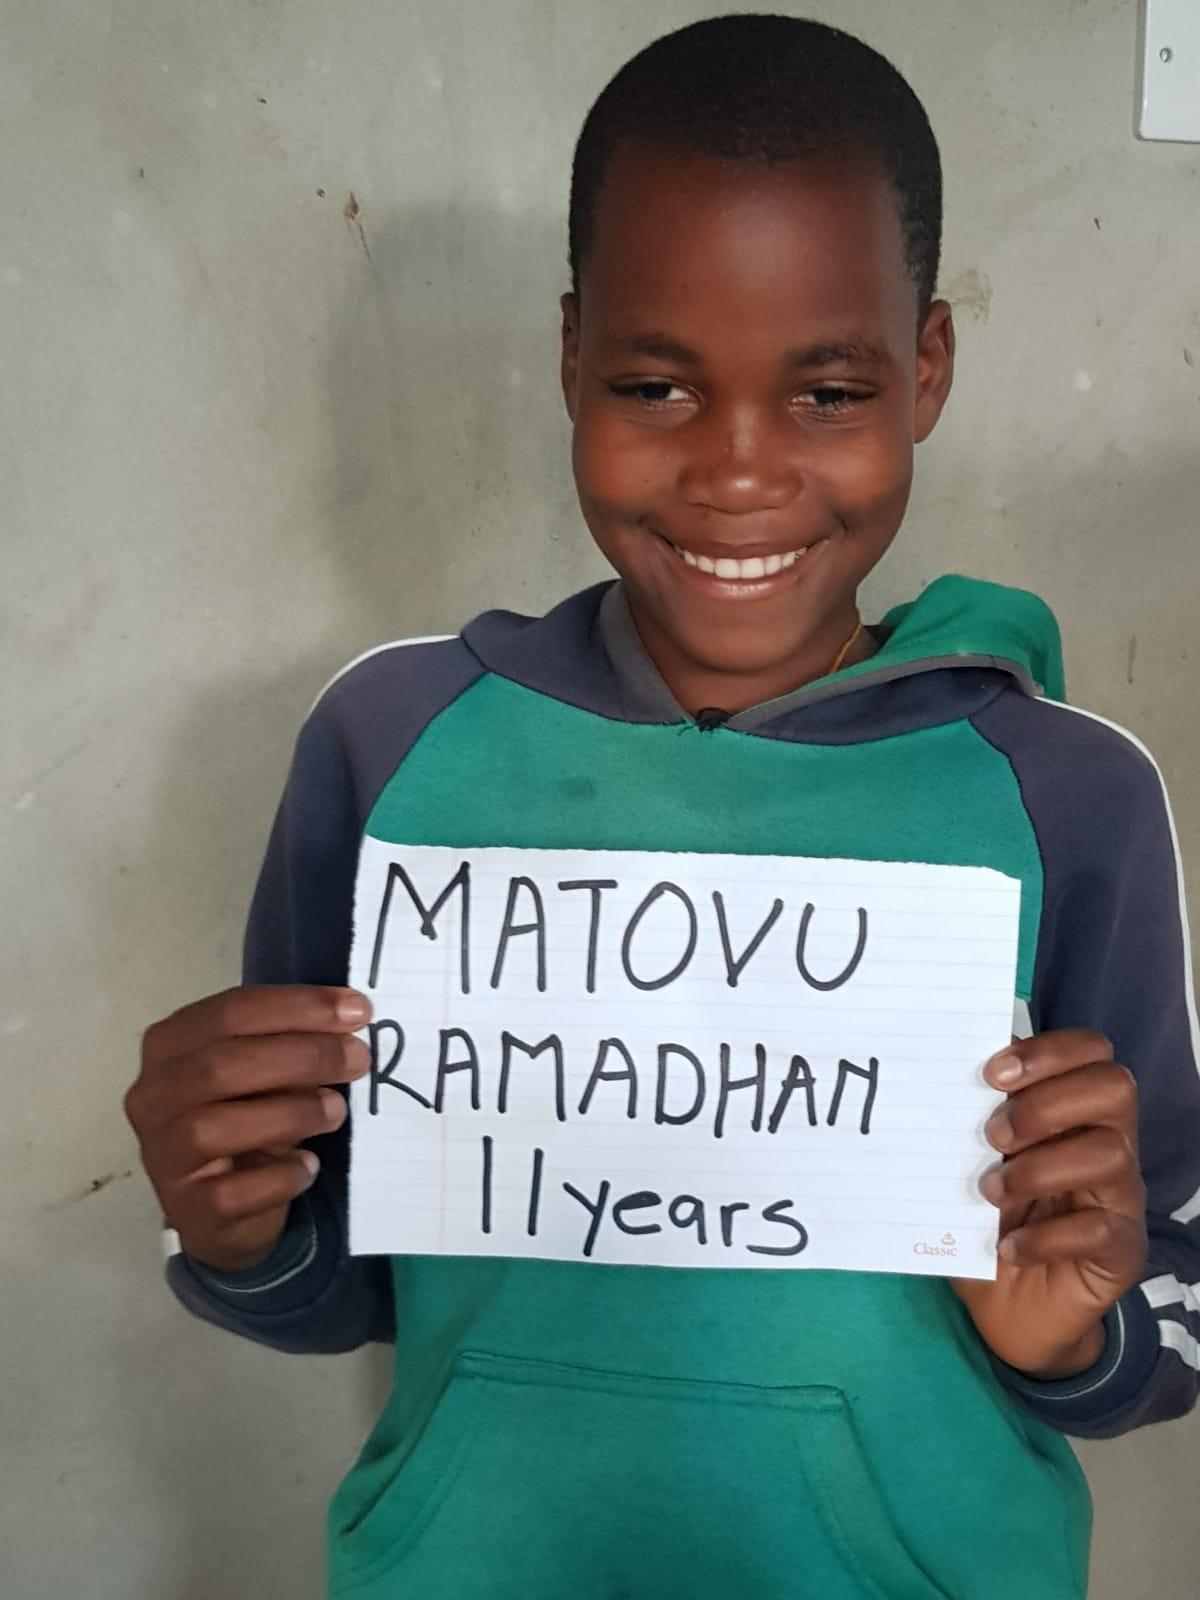 Matovu, Ramathan